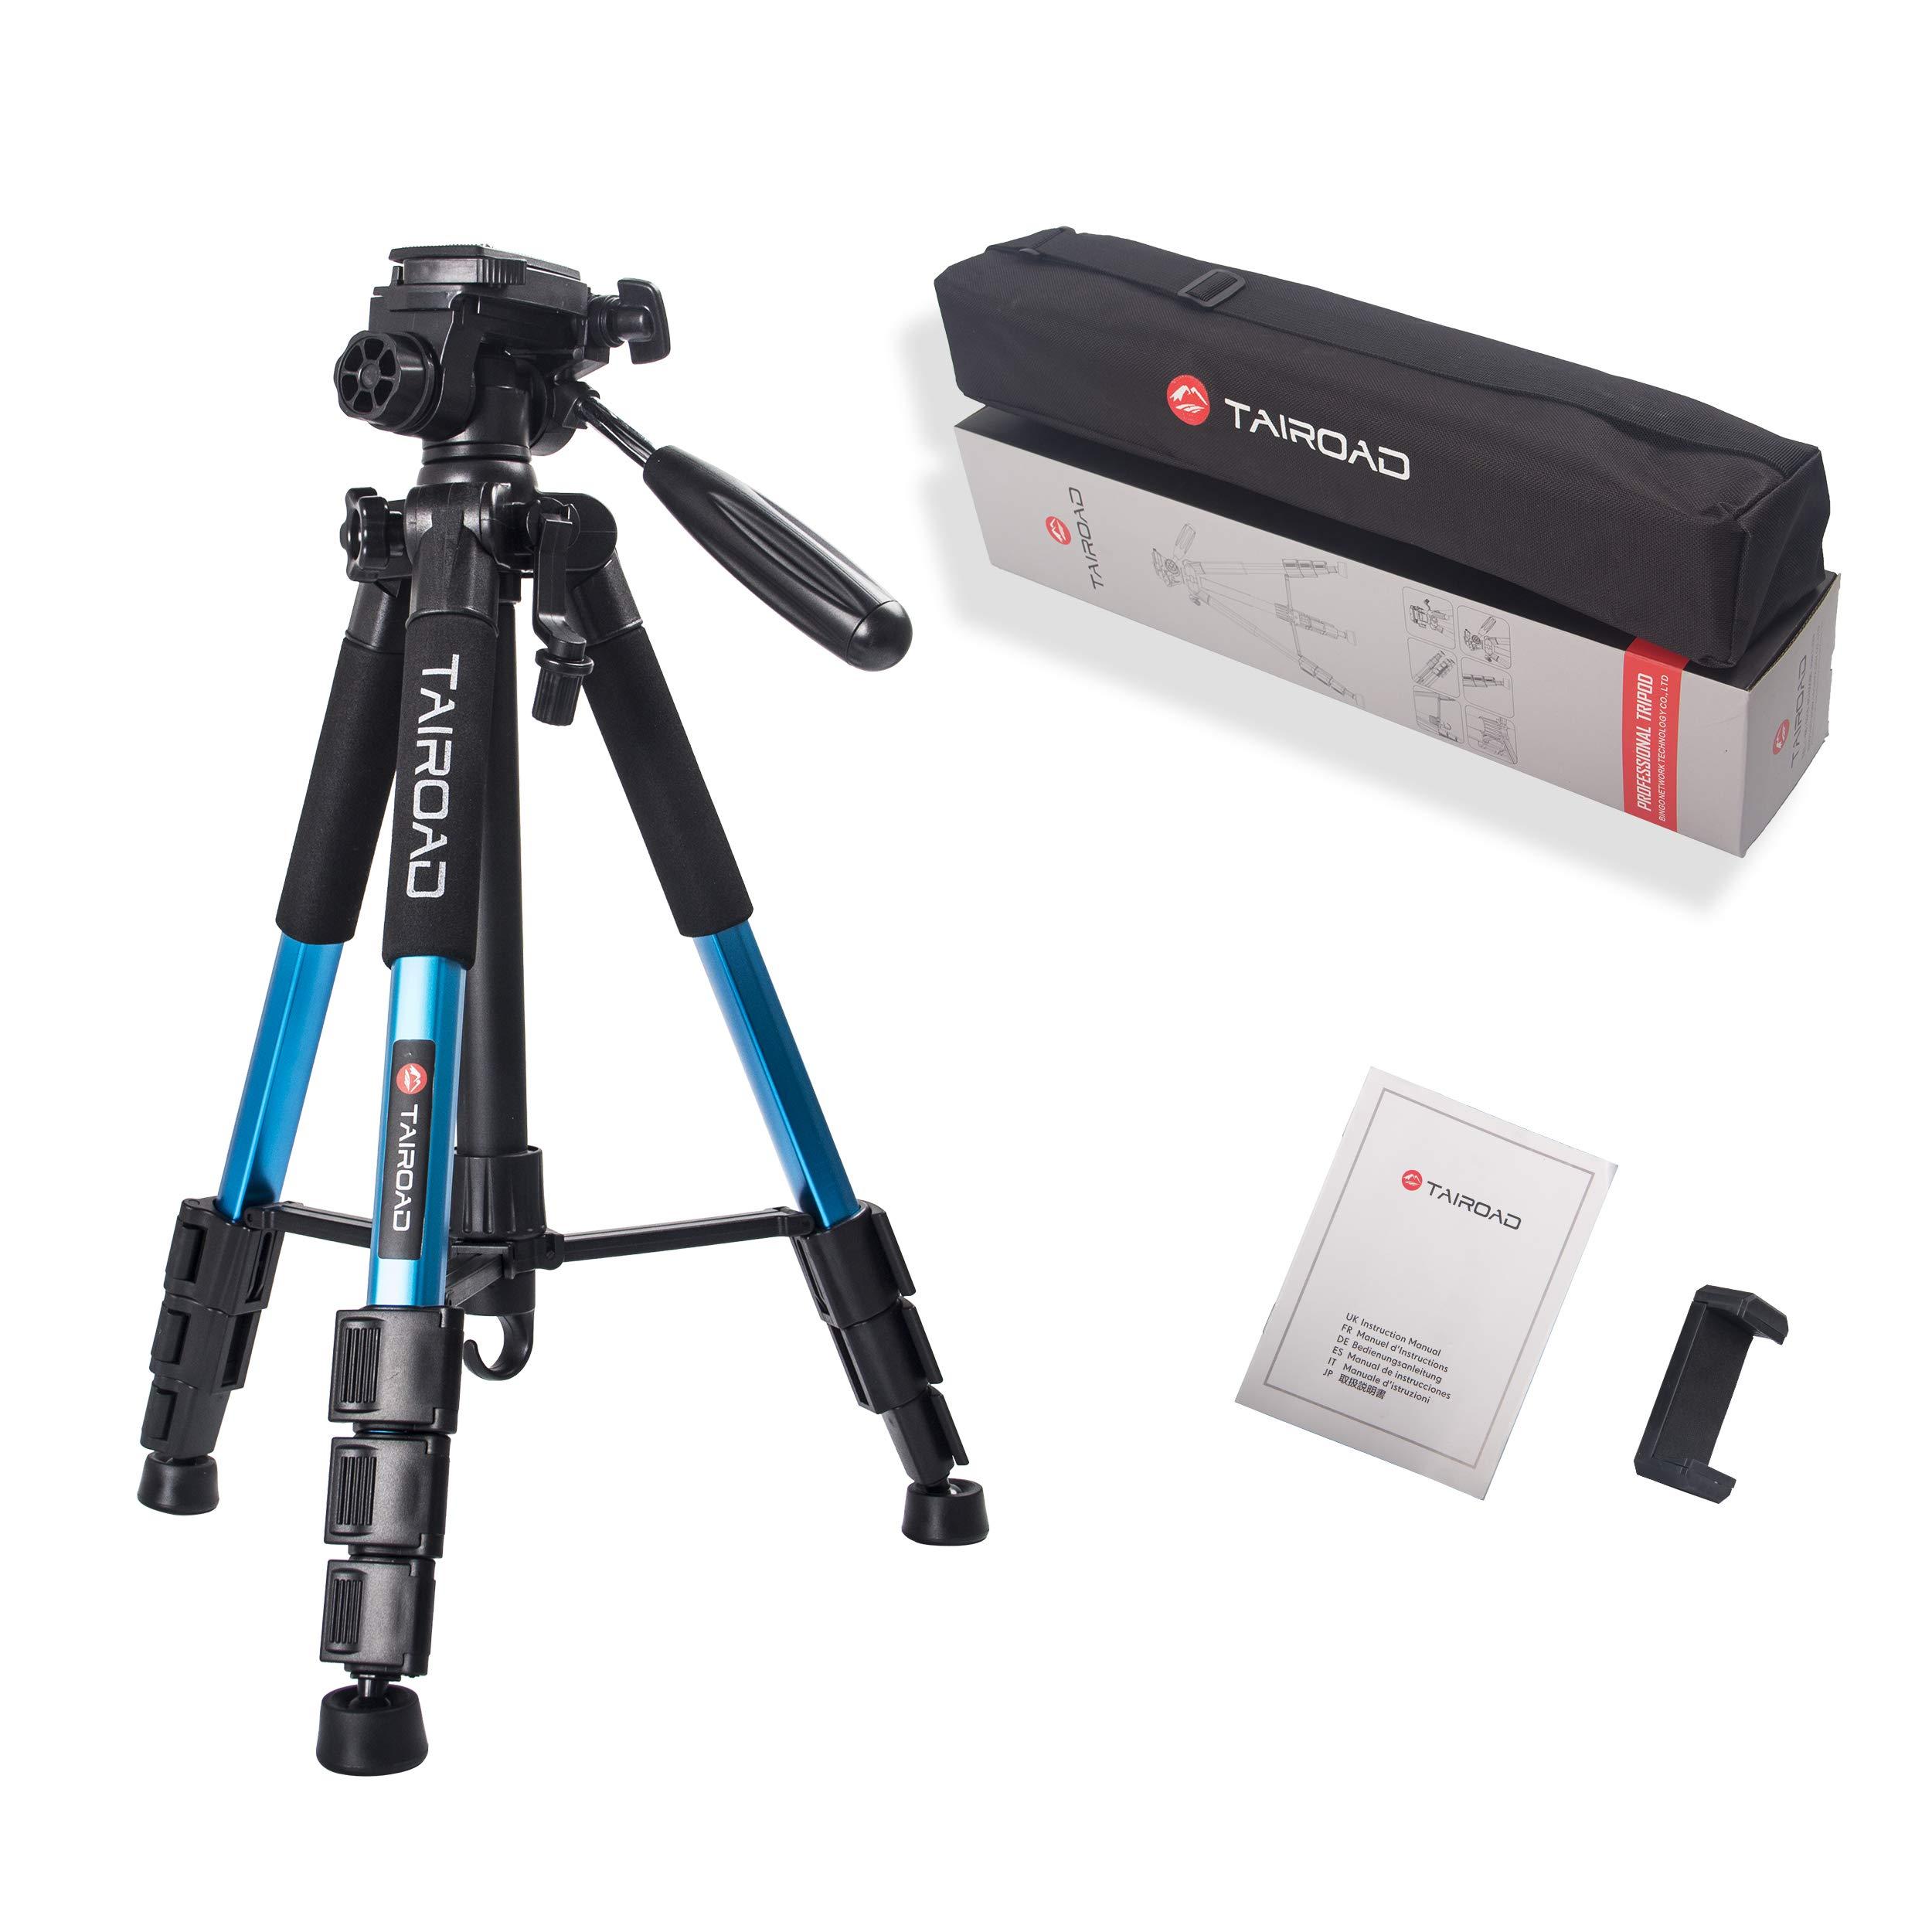 Kompaktes Stativ - Tairoad Tragbares, leichtes 140 cm-Stativ mit Handyclip und Schnellwechselplatte für Fotografie, Video und Live-Show - Blau